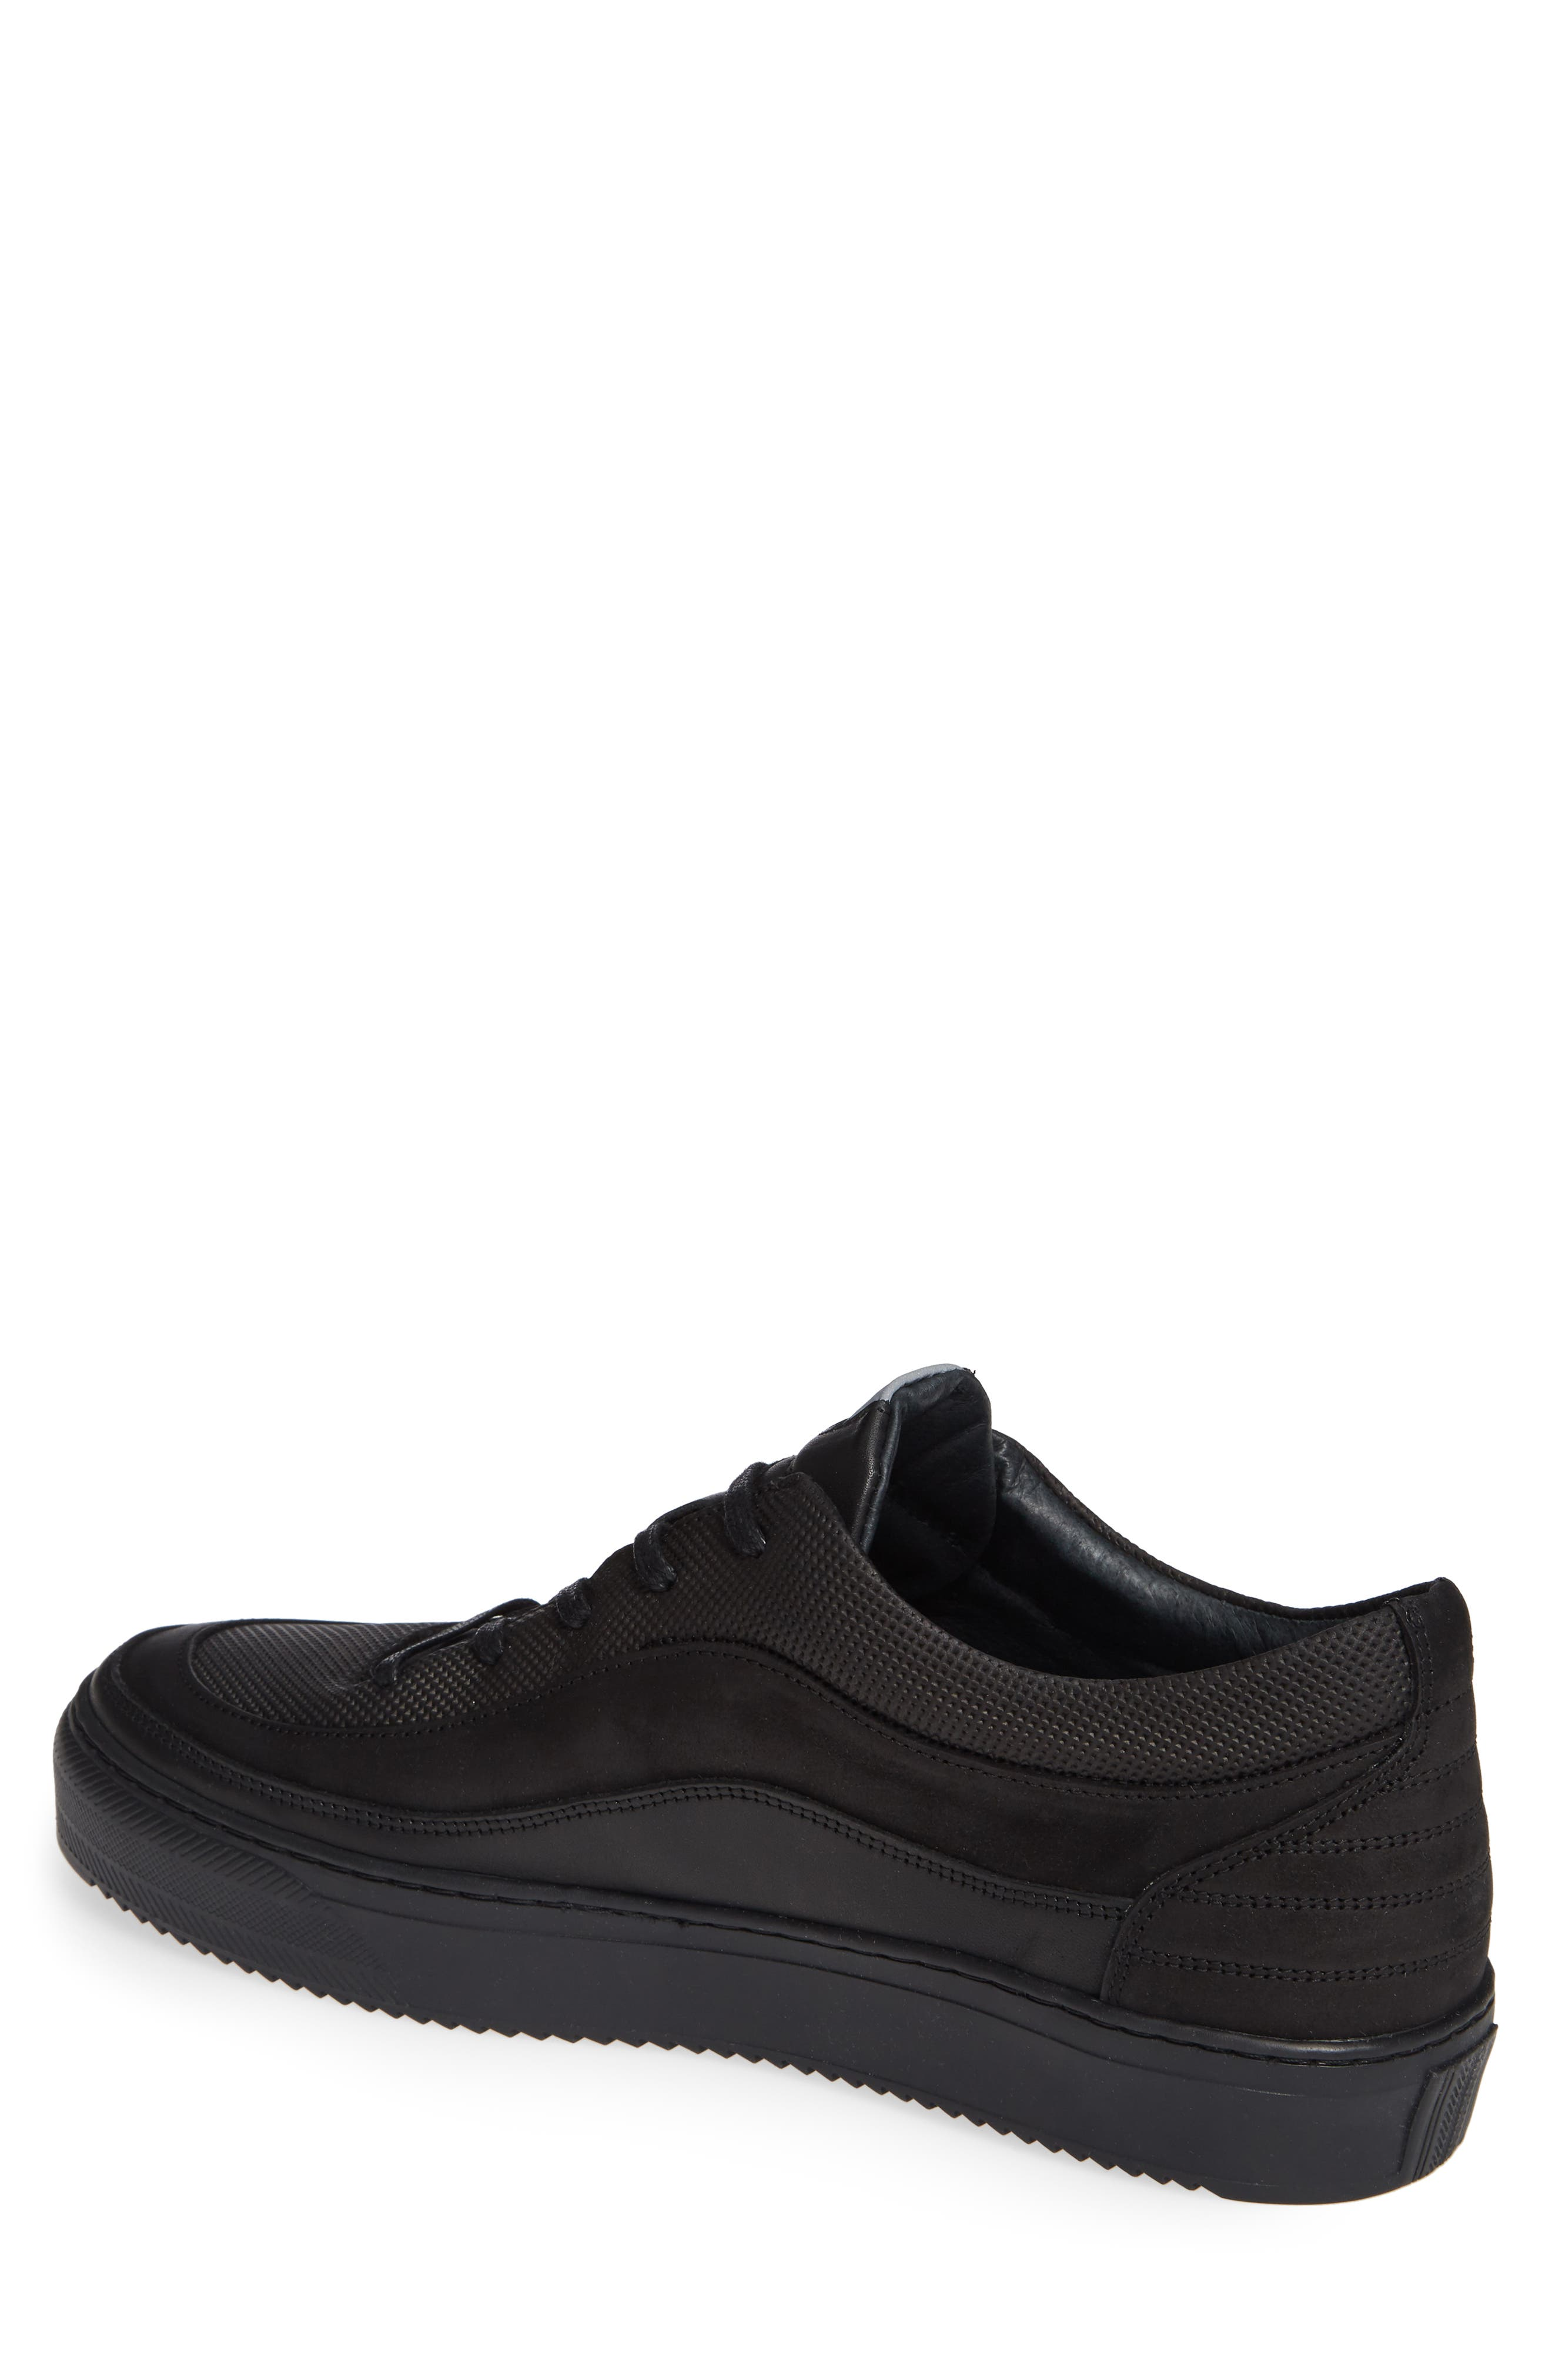 Bullet Sneaker,                             Alternate thumbnail 2, color,                             BLACK